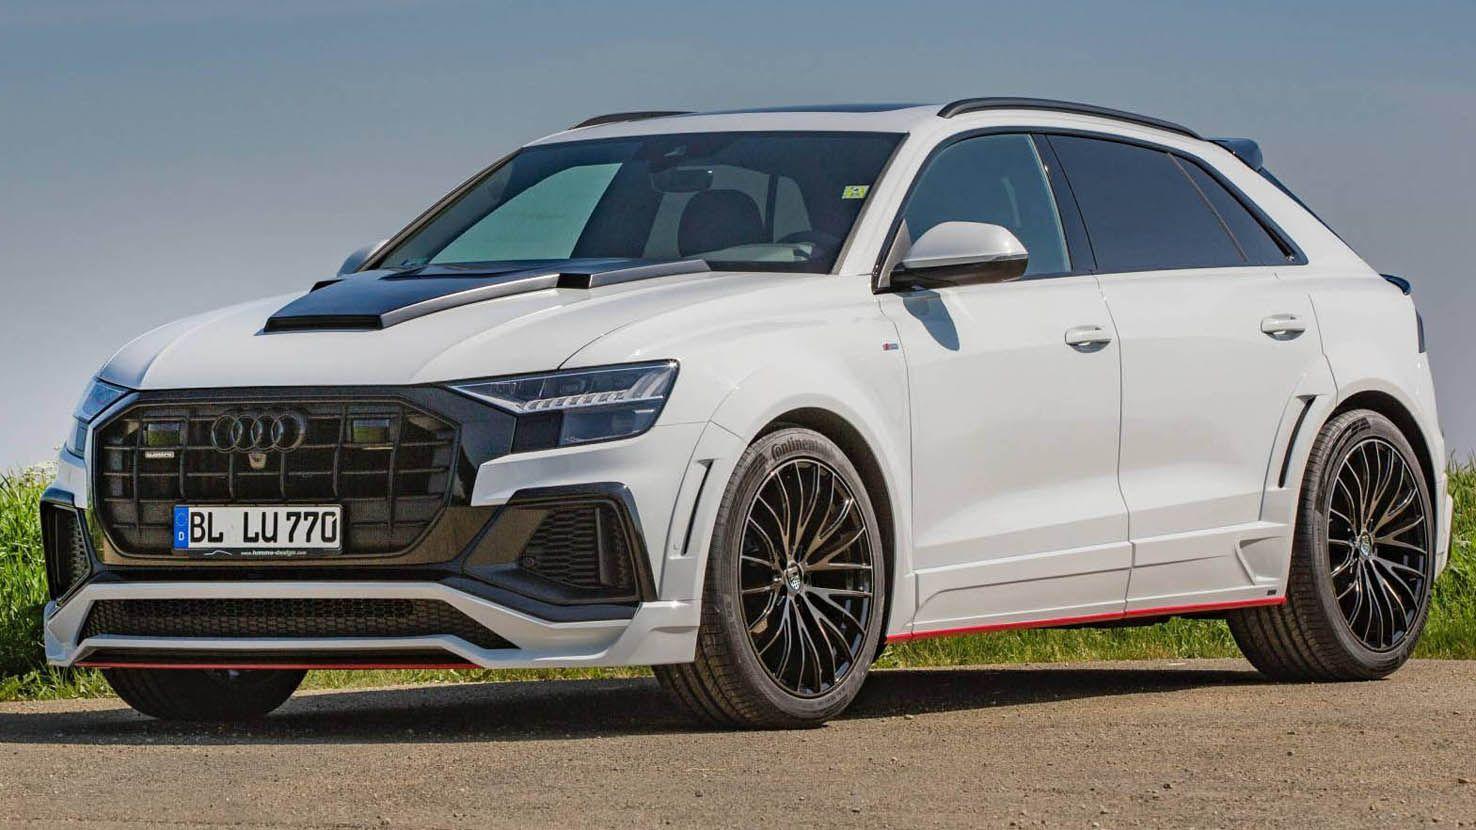 أودي كيو8 سي أر آر 8 أس 2019 التعديل الأروع من لوما ديزاين موقع ويلز Best Suv Audi Car